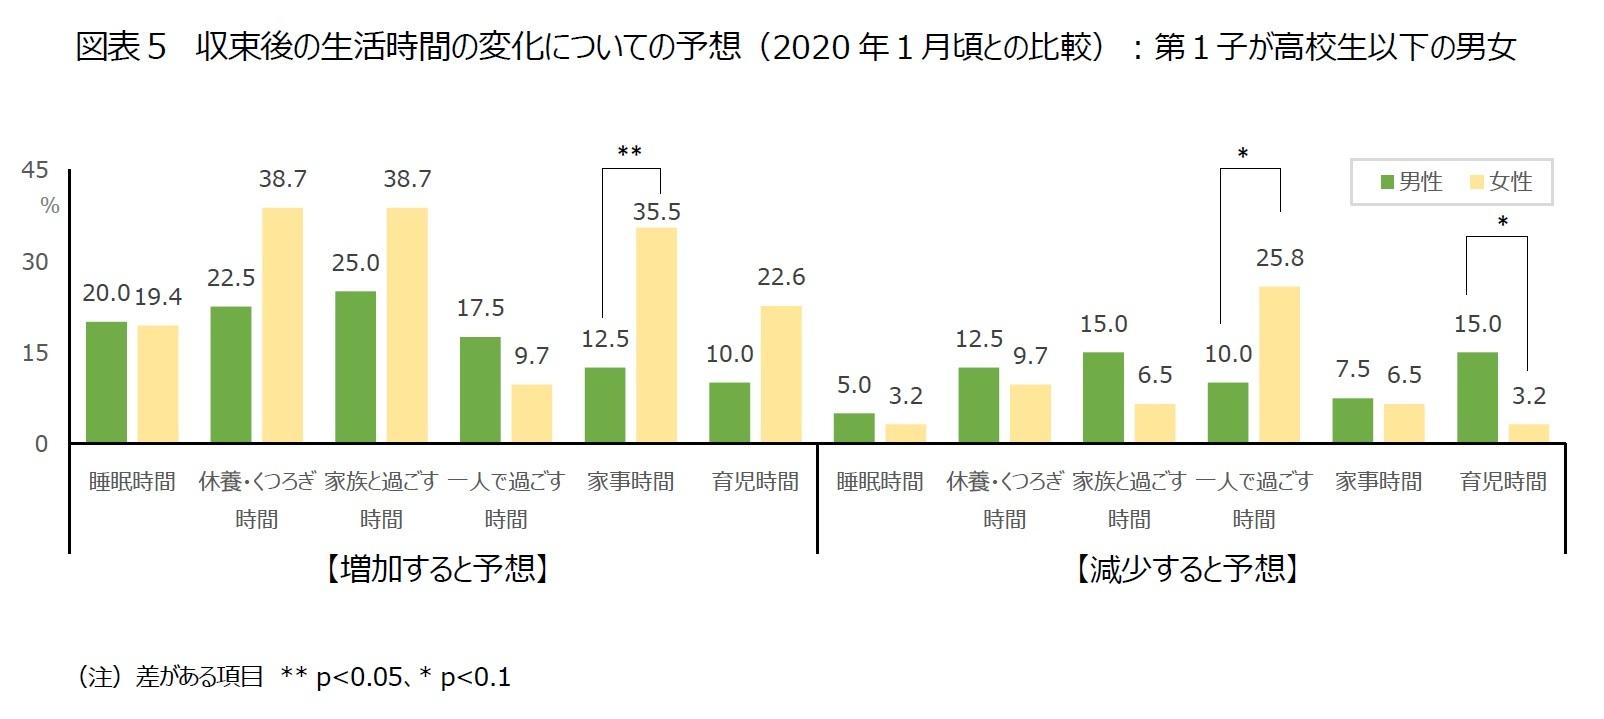 図表5 収束後の生活時間の変化についての予想(2020年1月頃との比較):第1子が高校生以下の男女